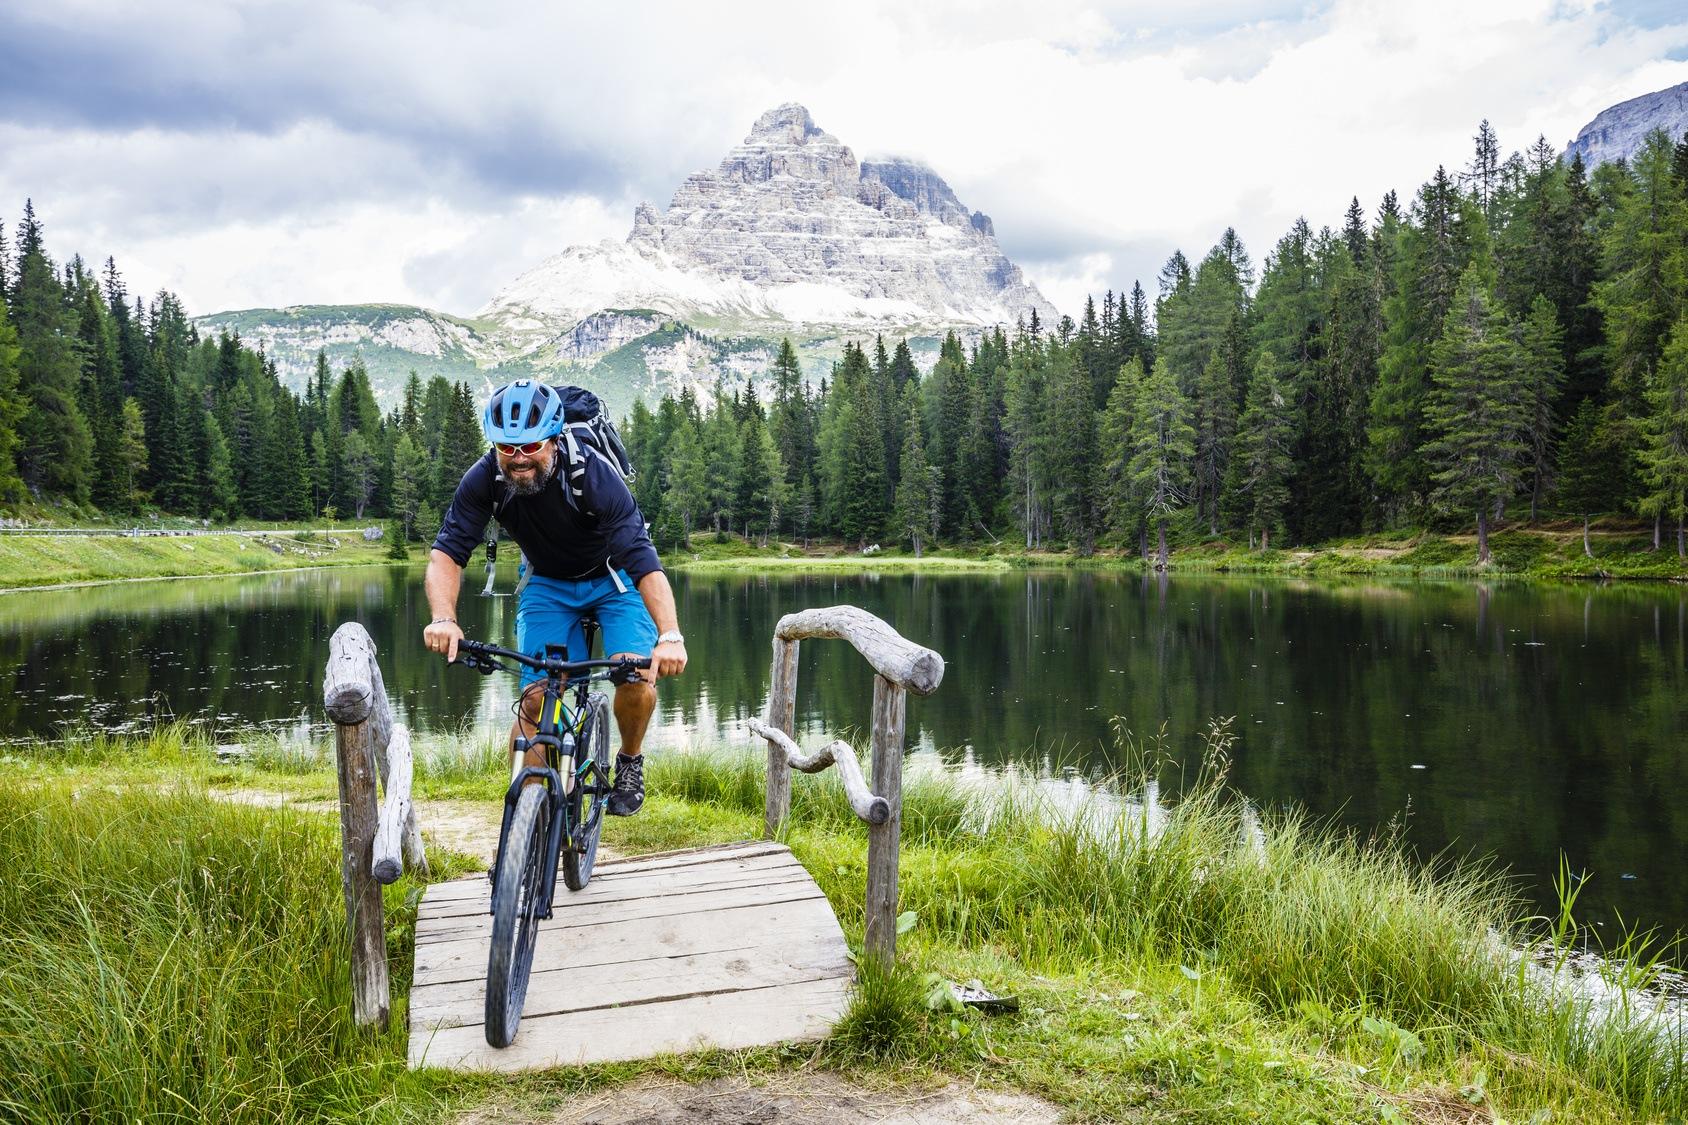 Sicher & gesund aufs Rad || Das gehört in die Radreise Apotheke